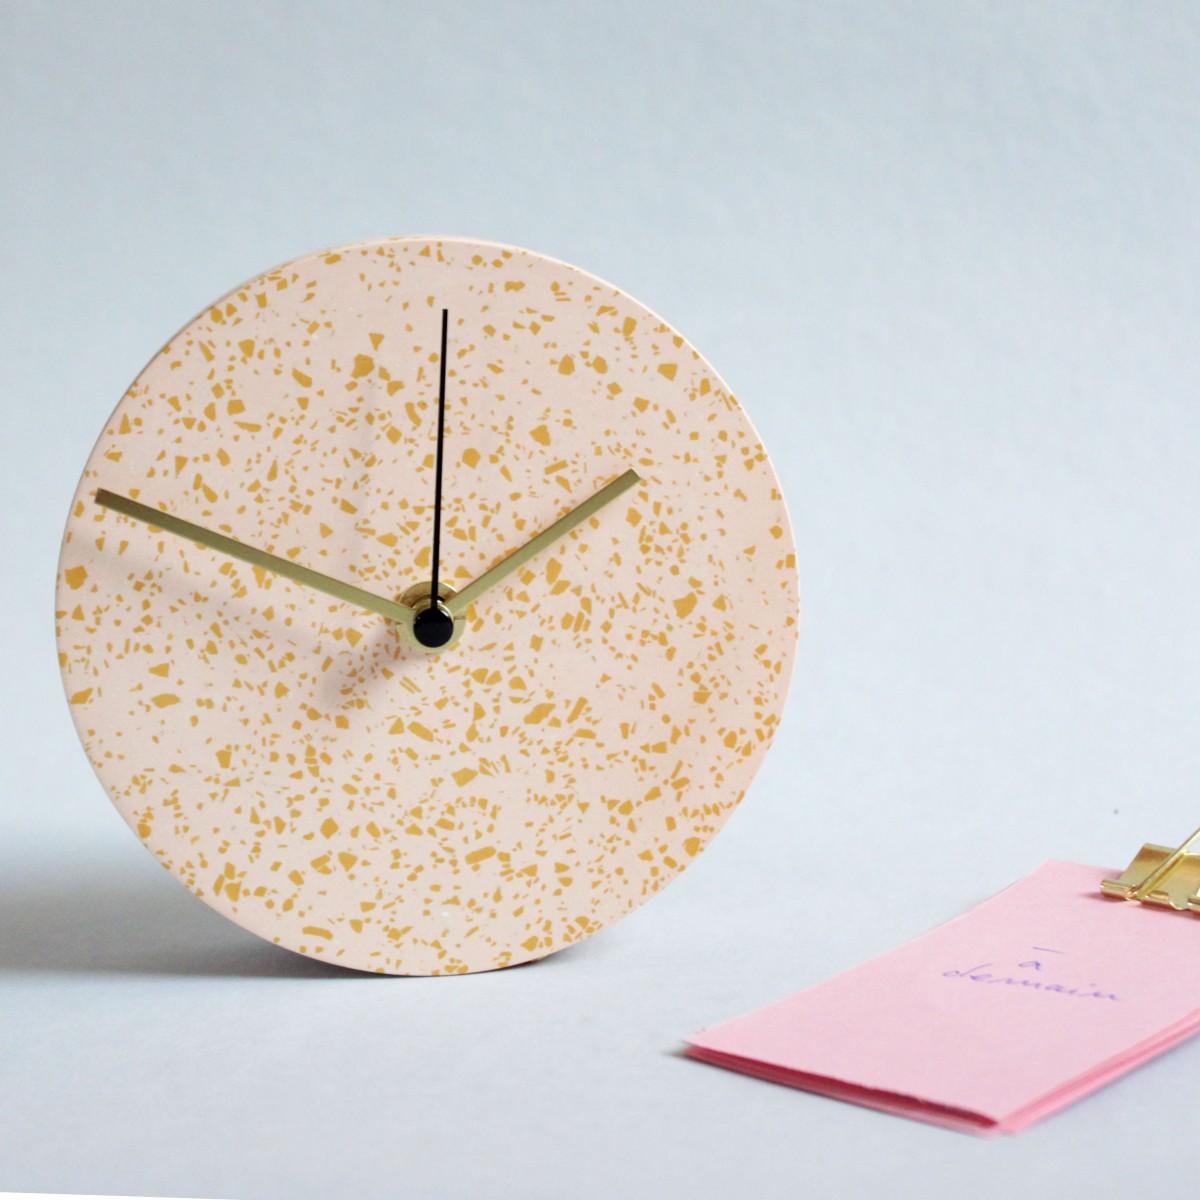 Kleine Wanduhr mit Uhrzeiger aus Messing / Koralle / objet vague